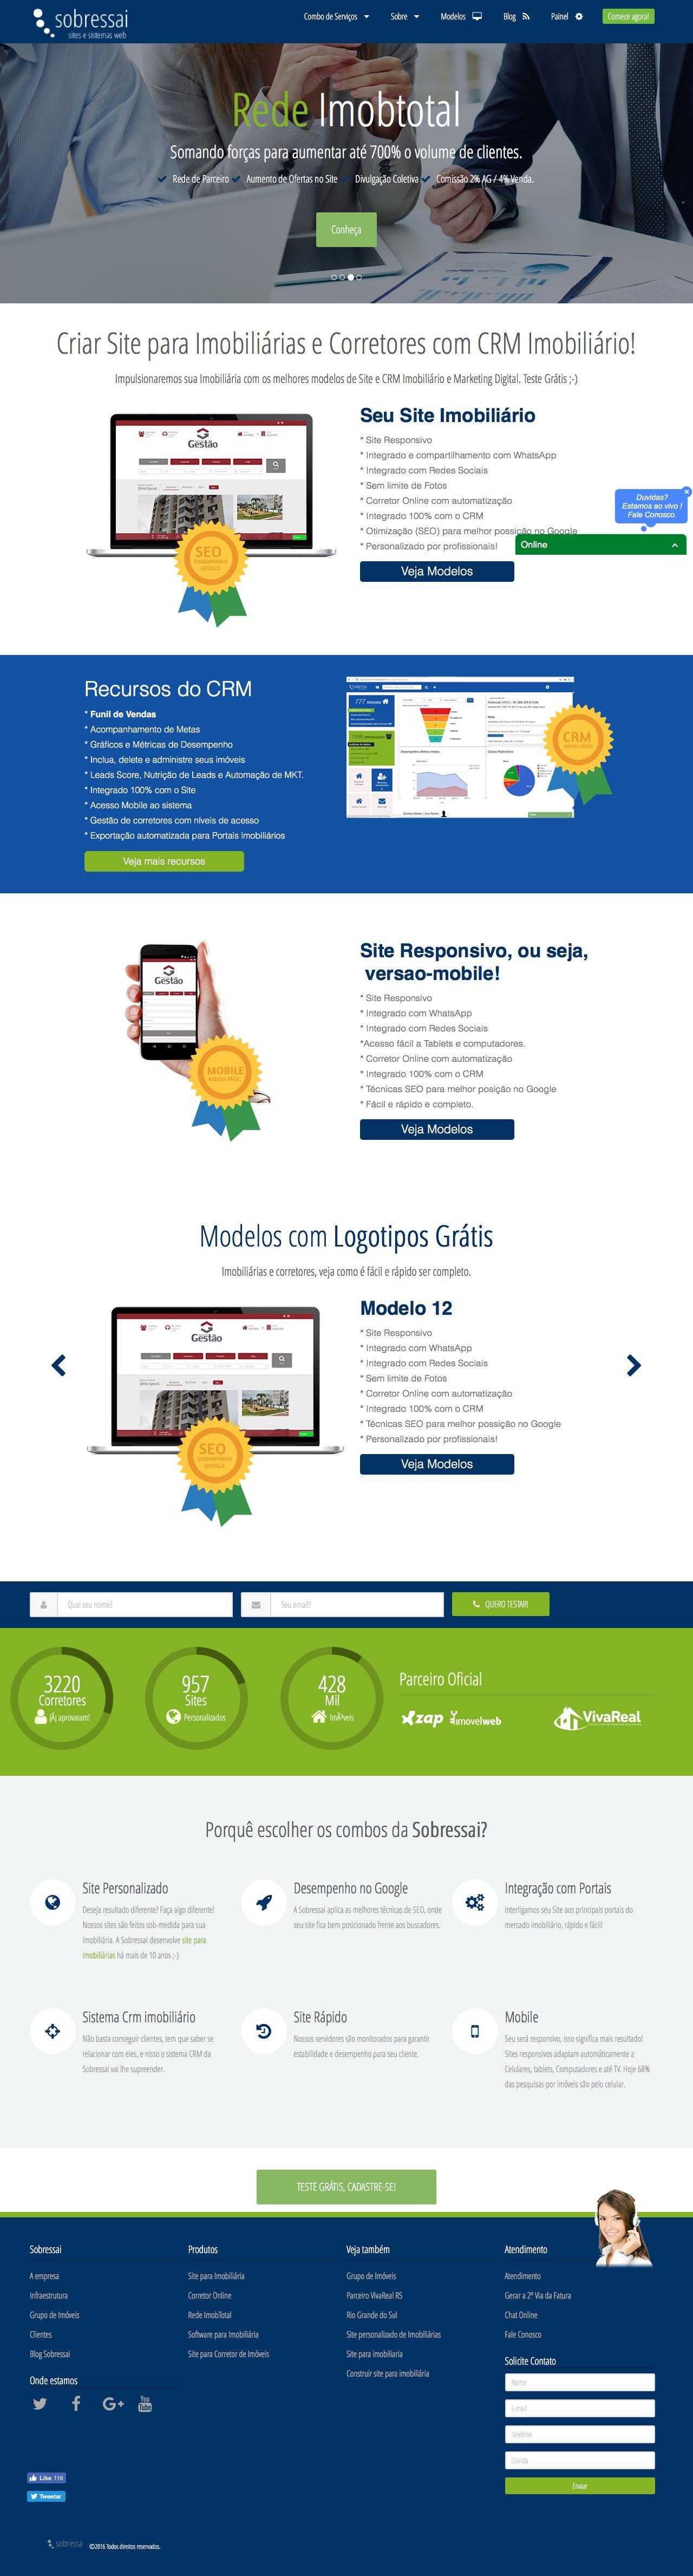 Screenshot of sobressai.com.br - Sobressai - Sites para imobiliárias ou Corretores de Imóveis com CRM Imobiliário - captured Dec. 21, 2016